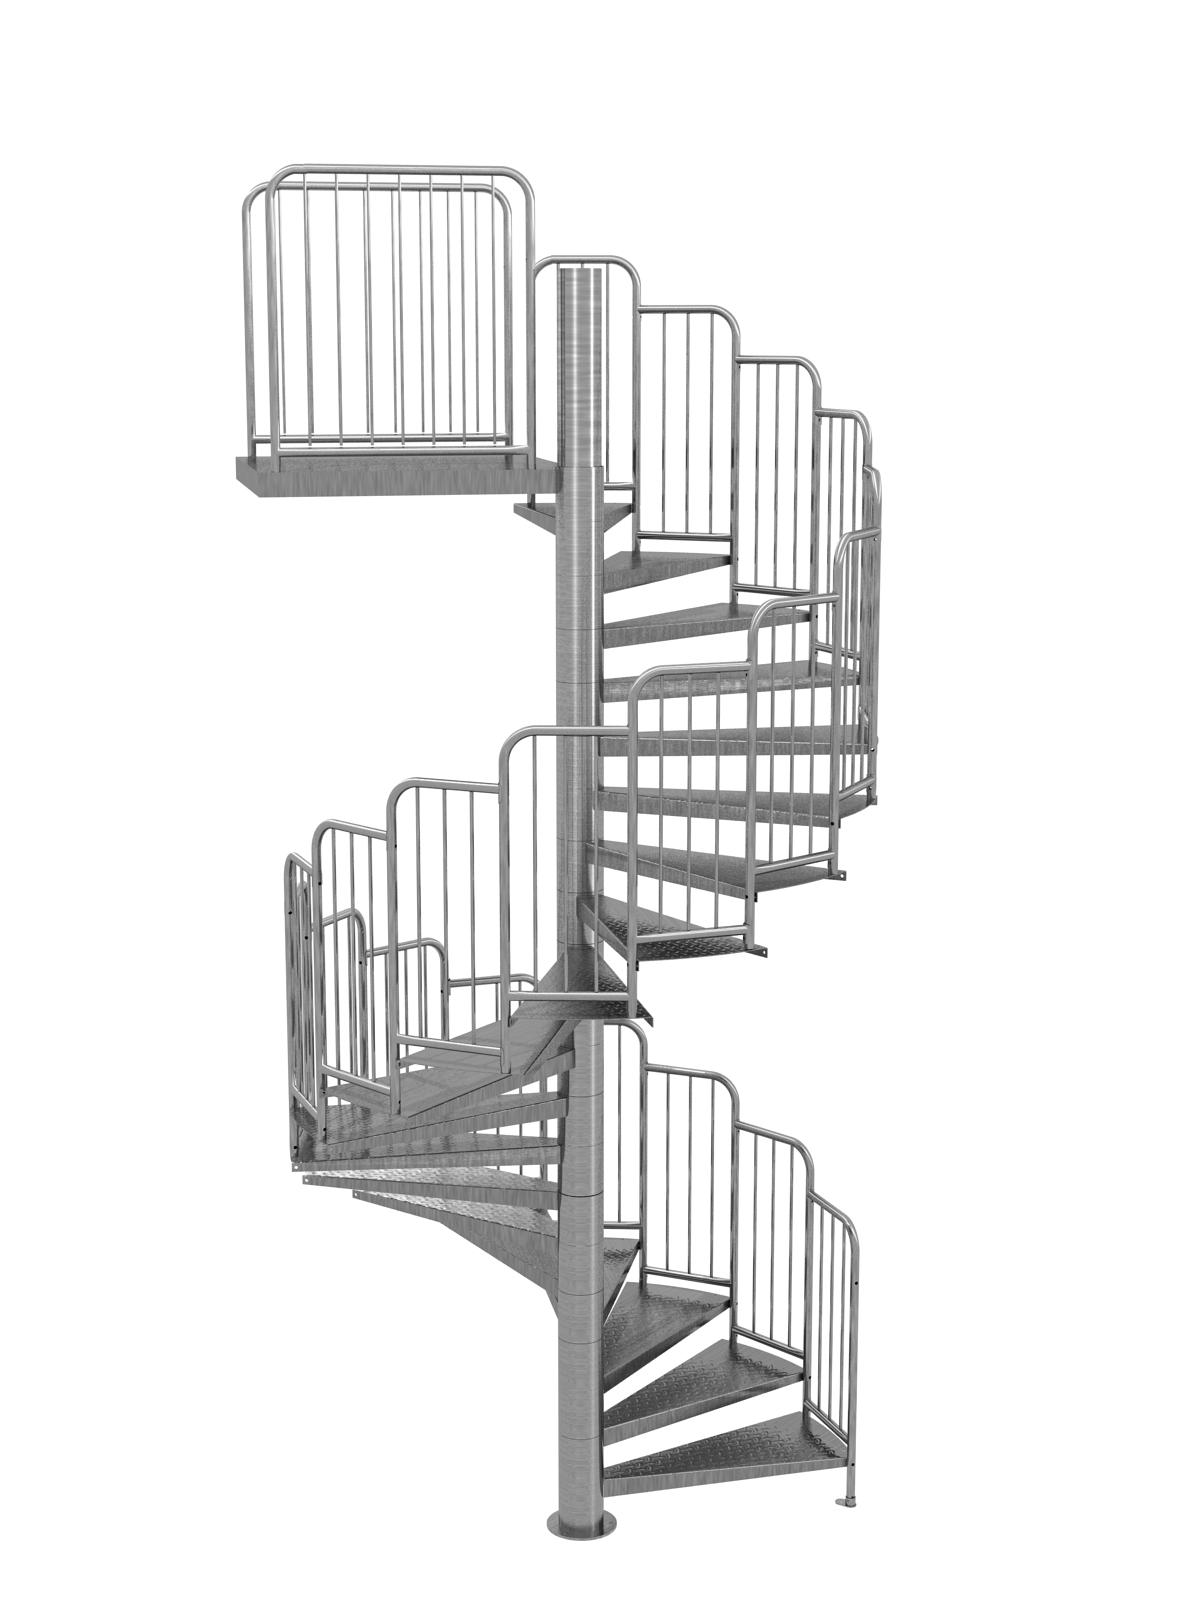 Escalier Modulaire Pas Cher escalier hélicoïdal standard en acier galvanisé : stairbat